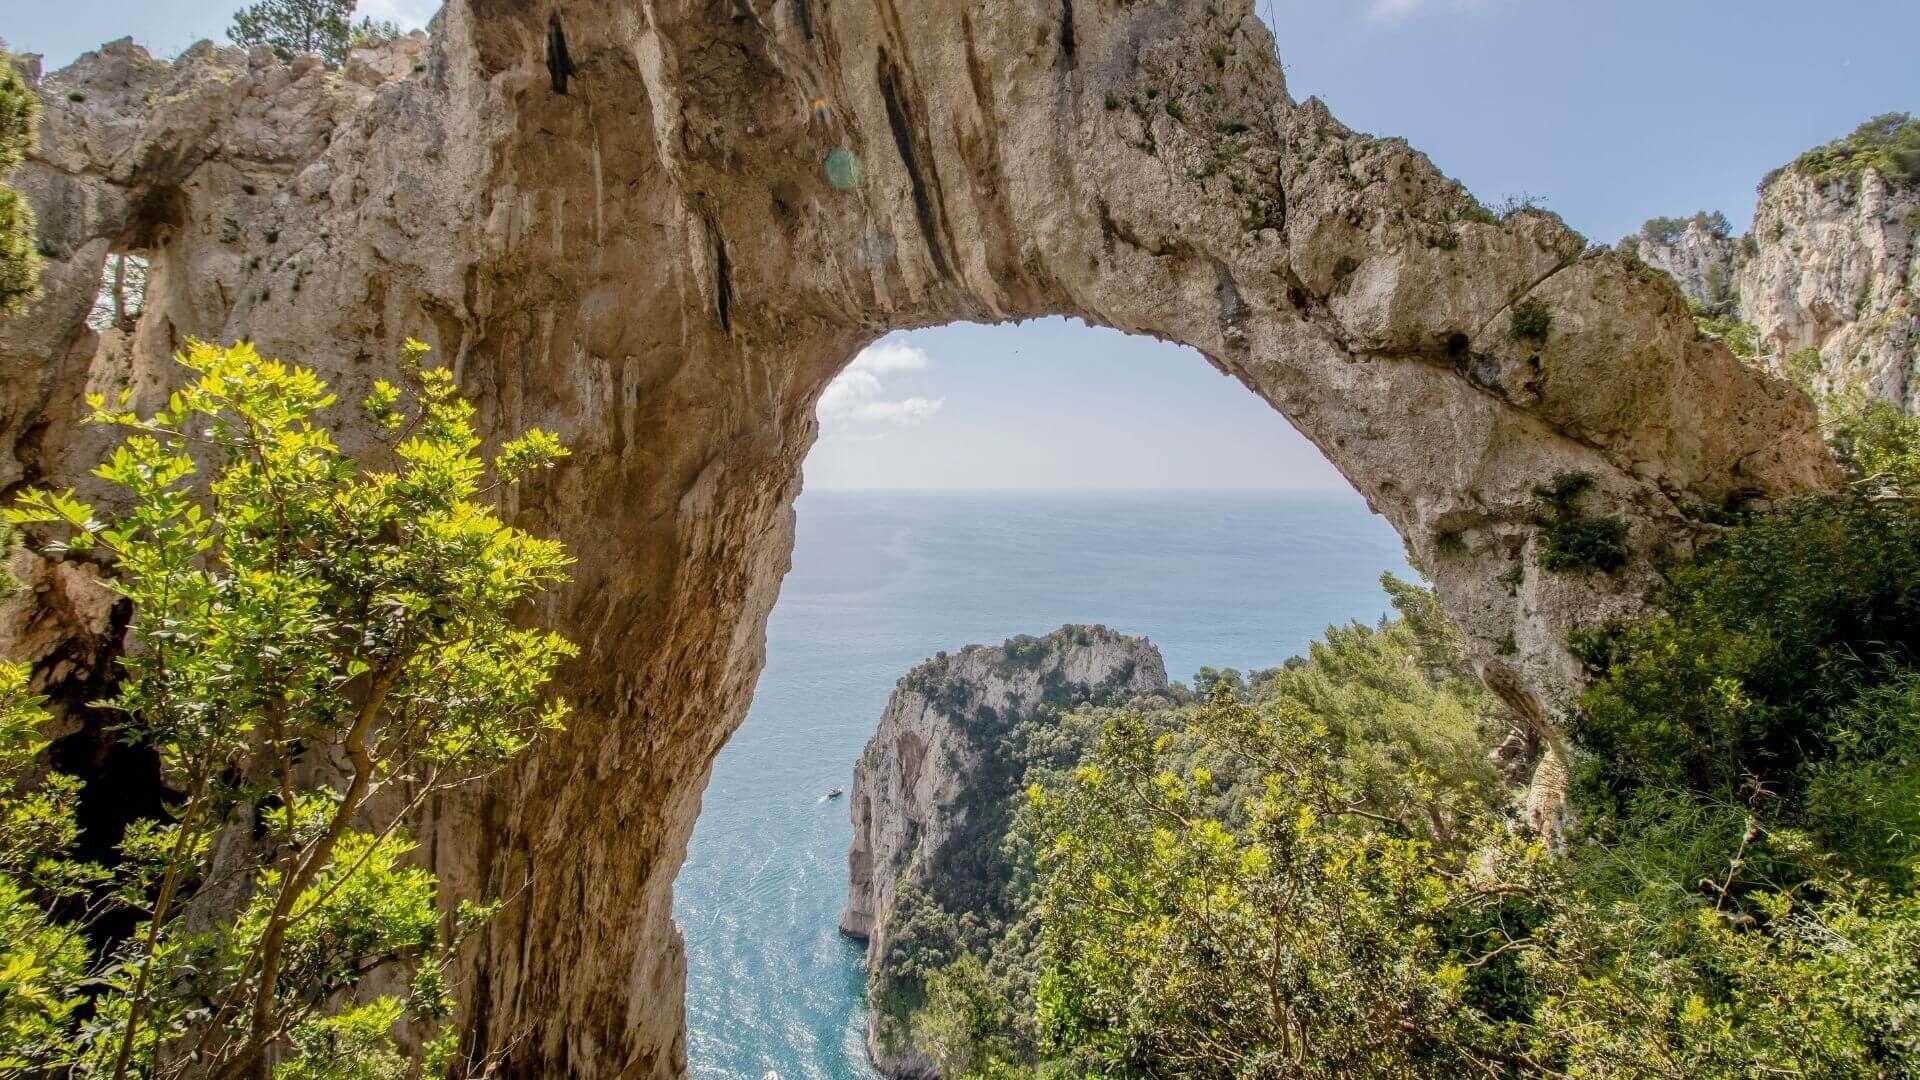 L'Arco Naturale di Capri